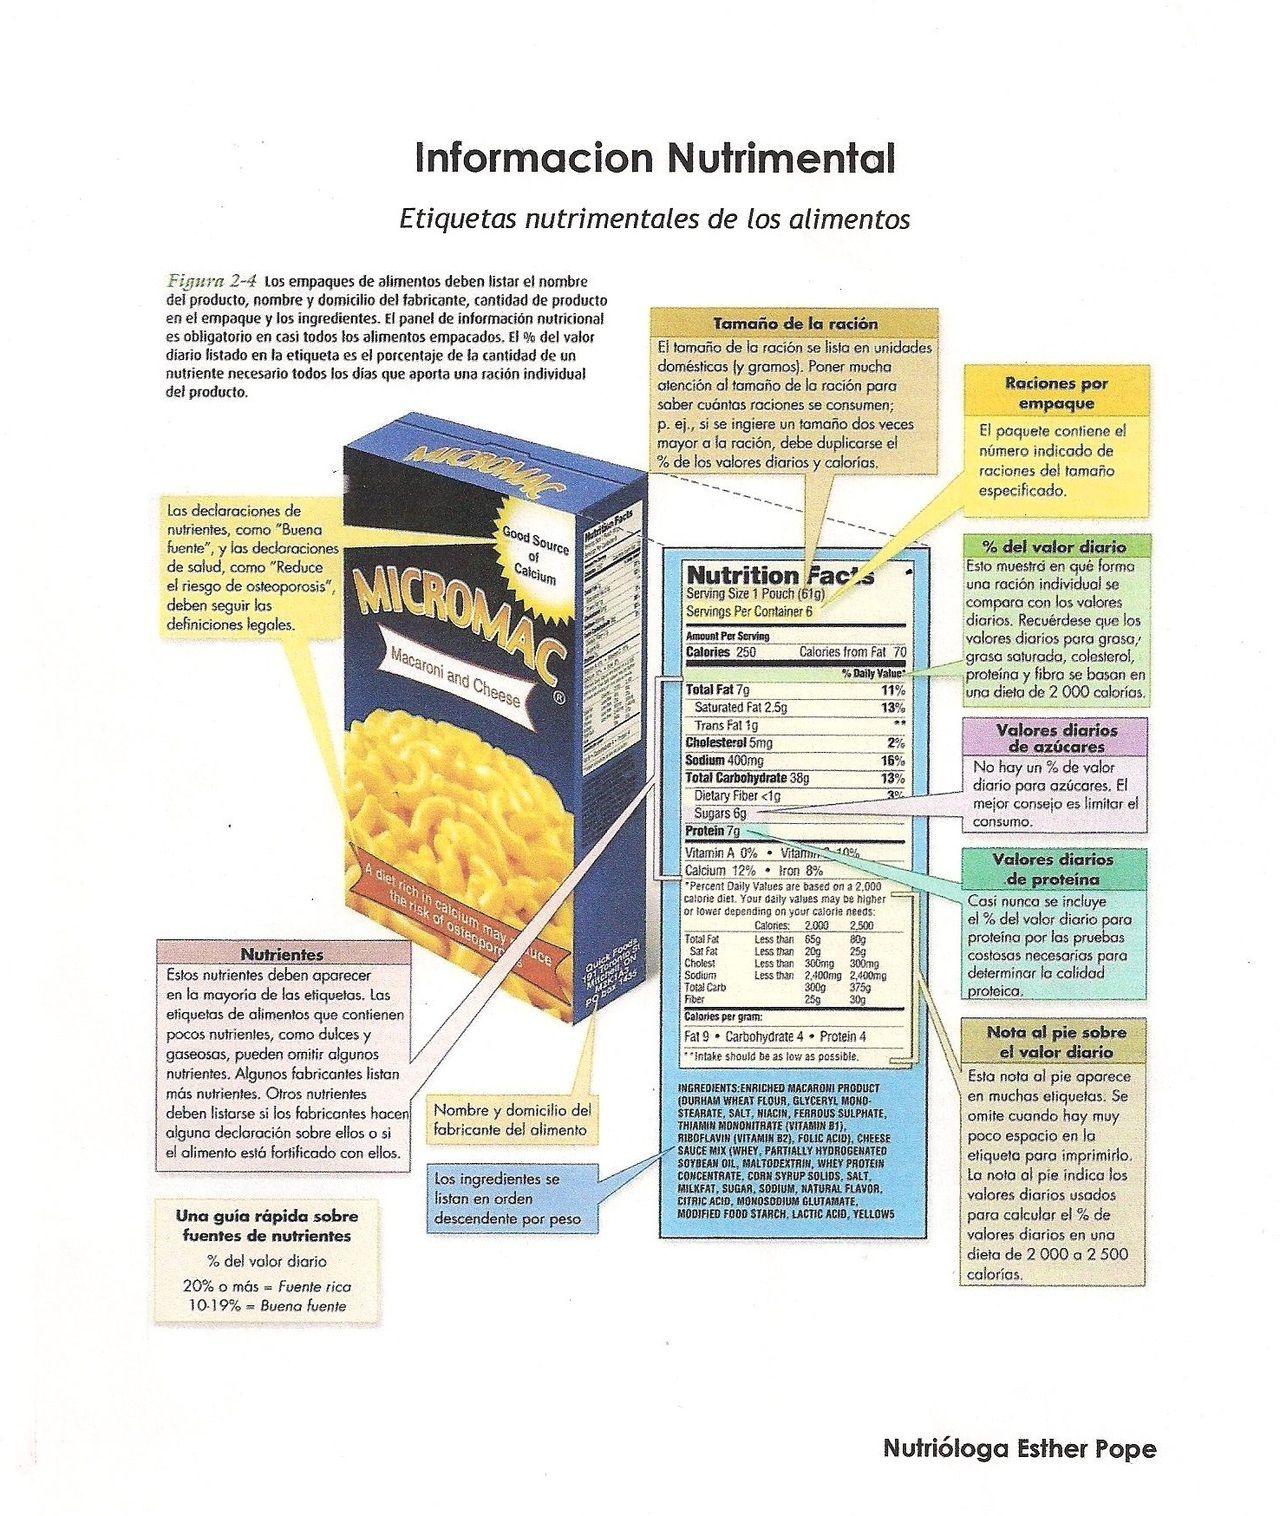 Informaci n nutrimental en las etiquetas de los alimentos healthfoodtags